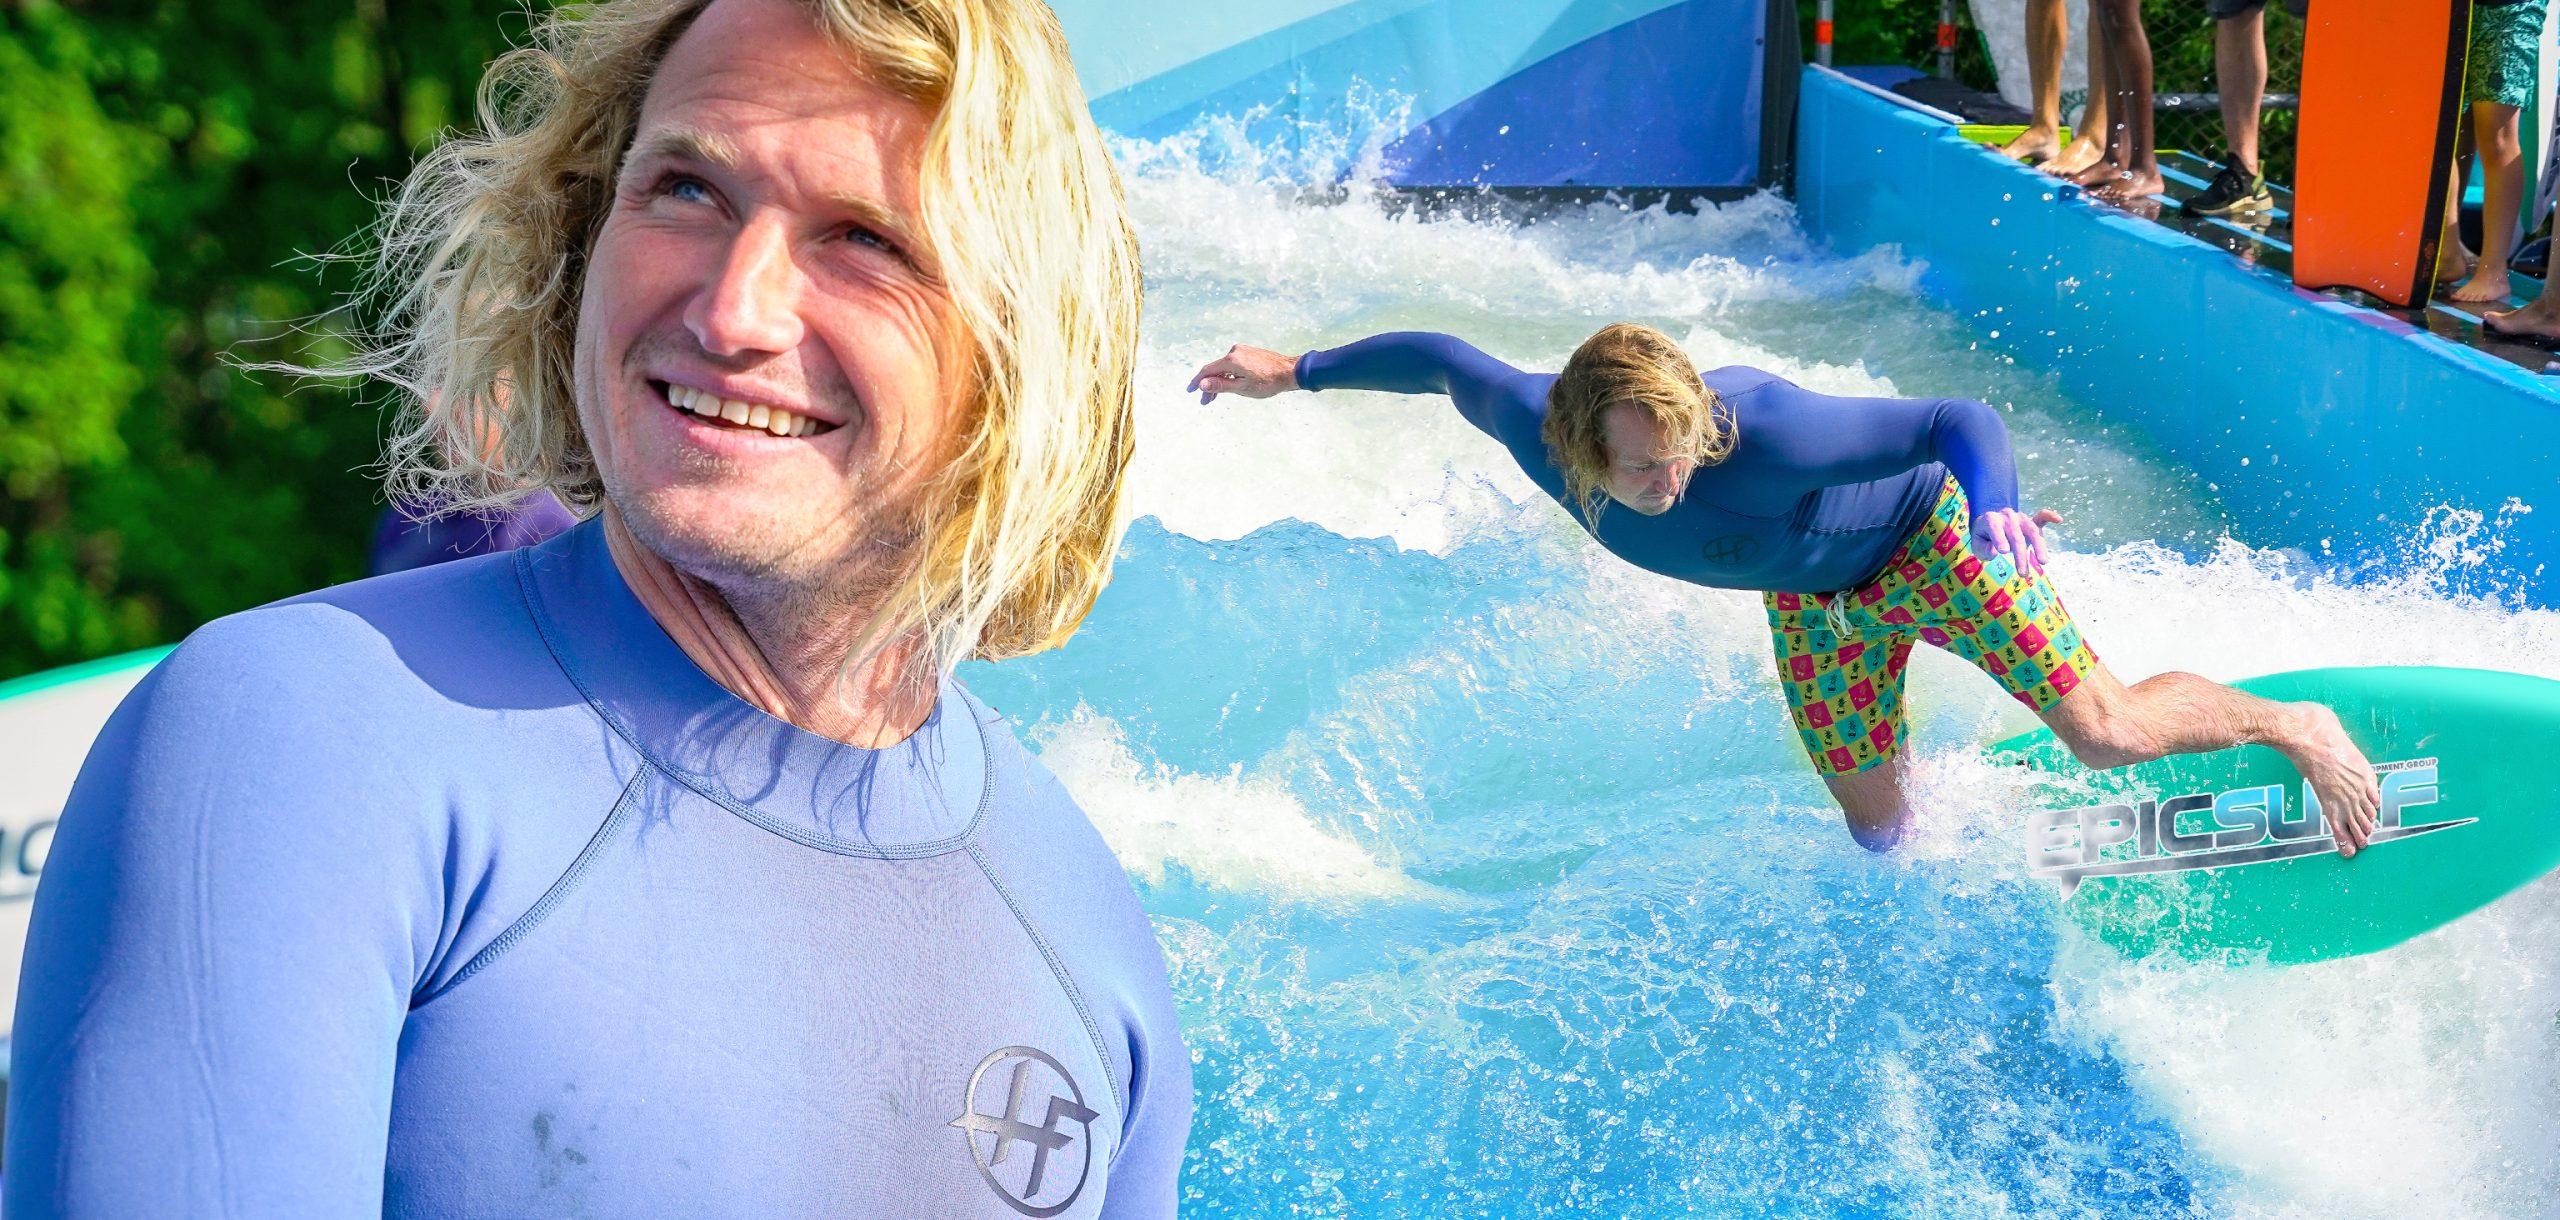 ben gravy surfs epicsurf surf wave